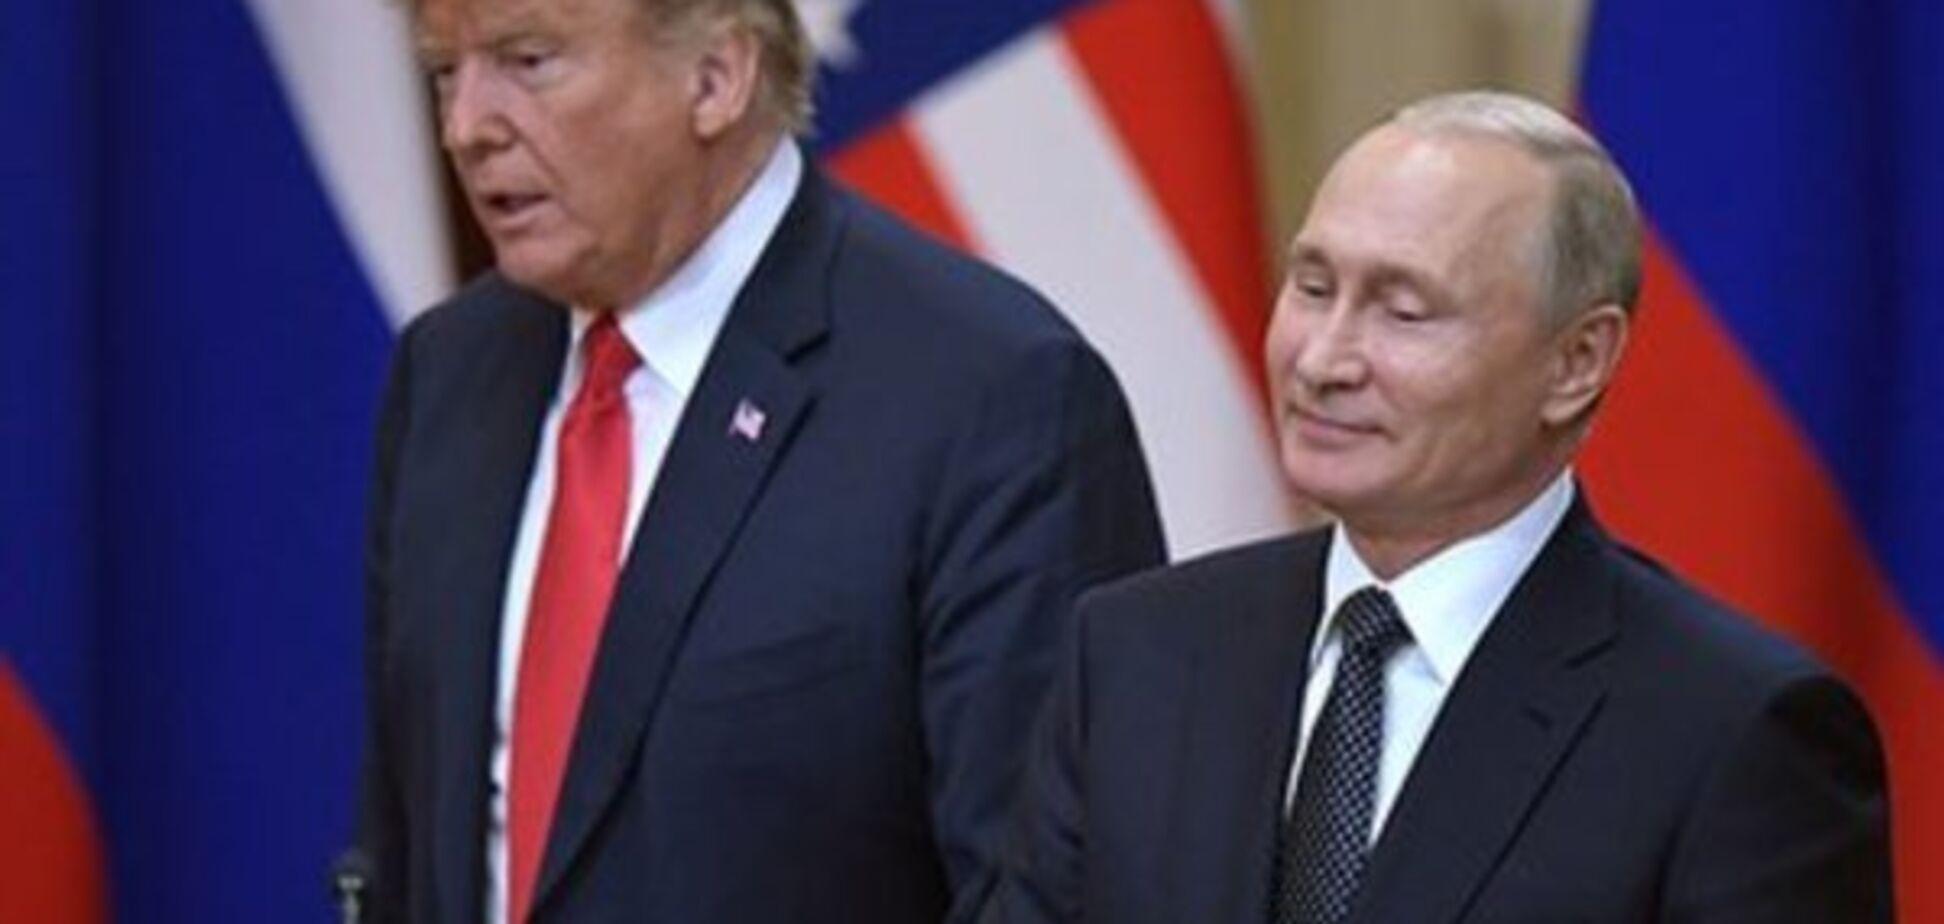 Ще у 2014 році: стало відомо, хто міг зупинити Росію